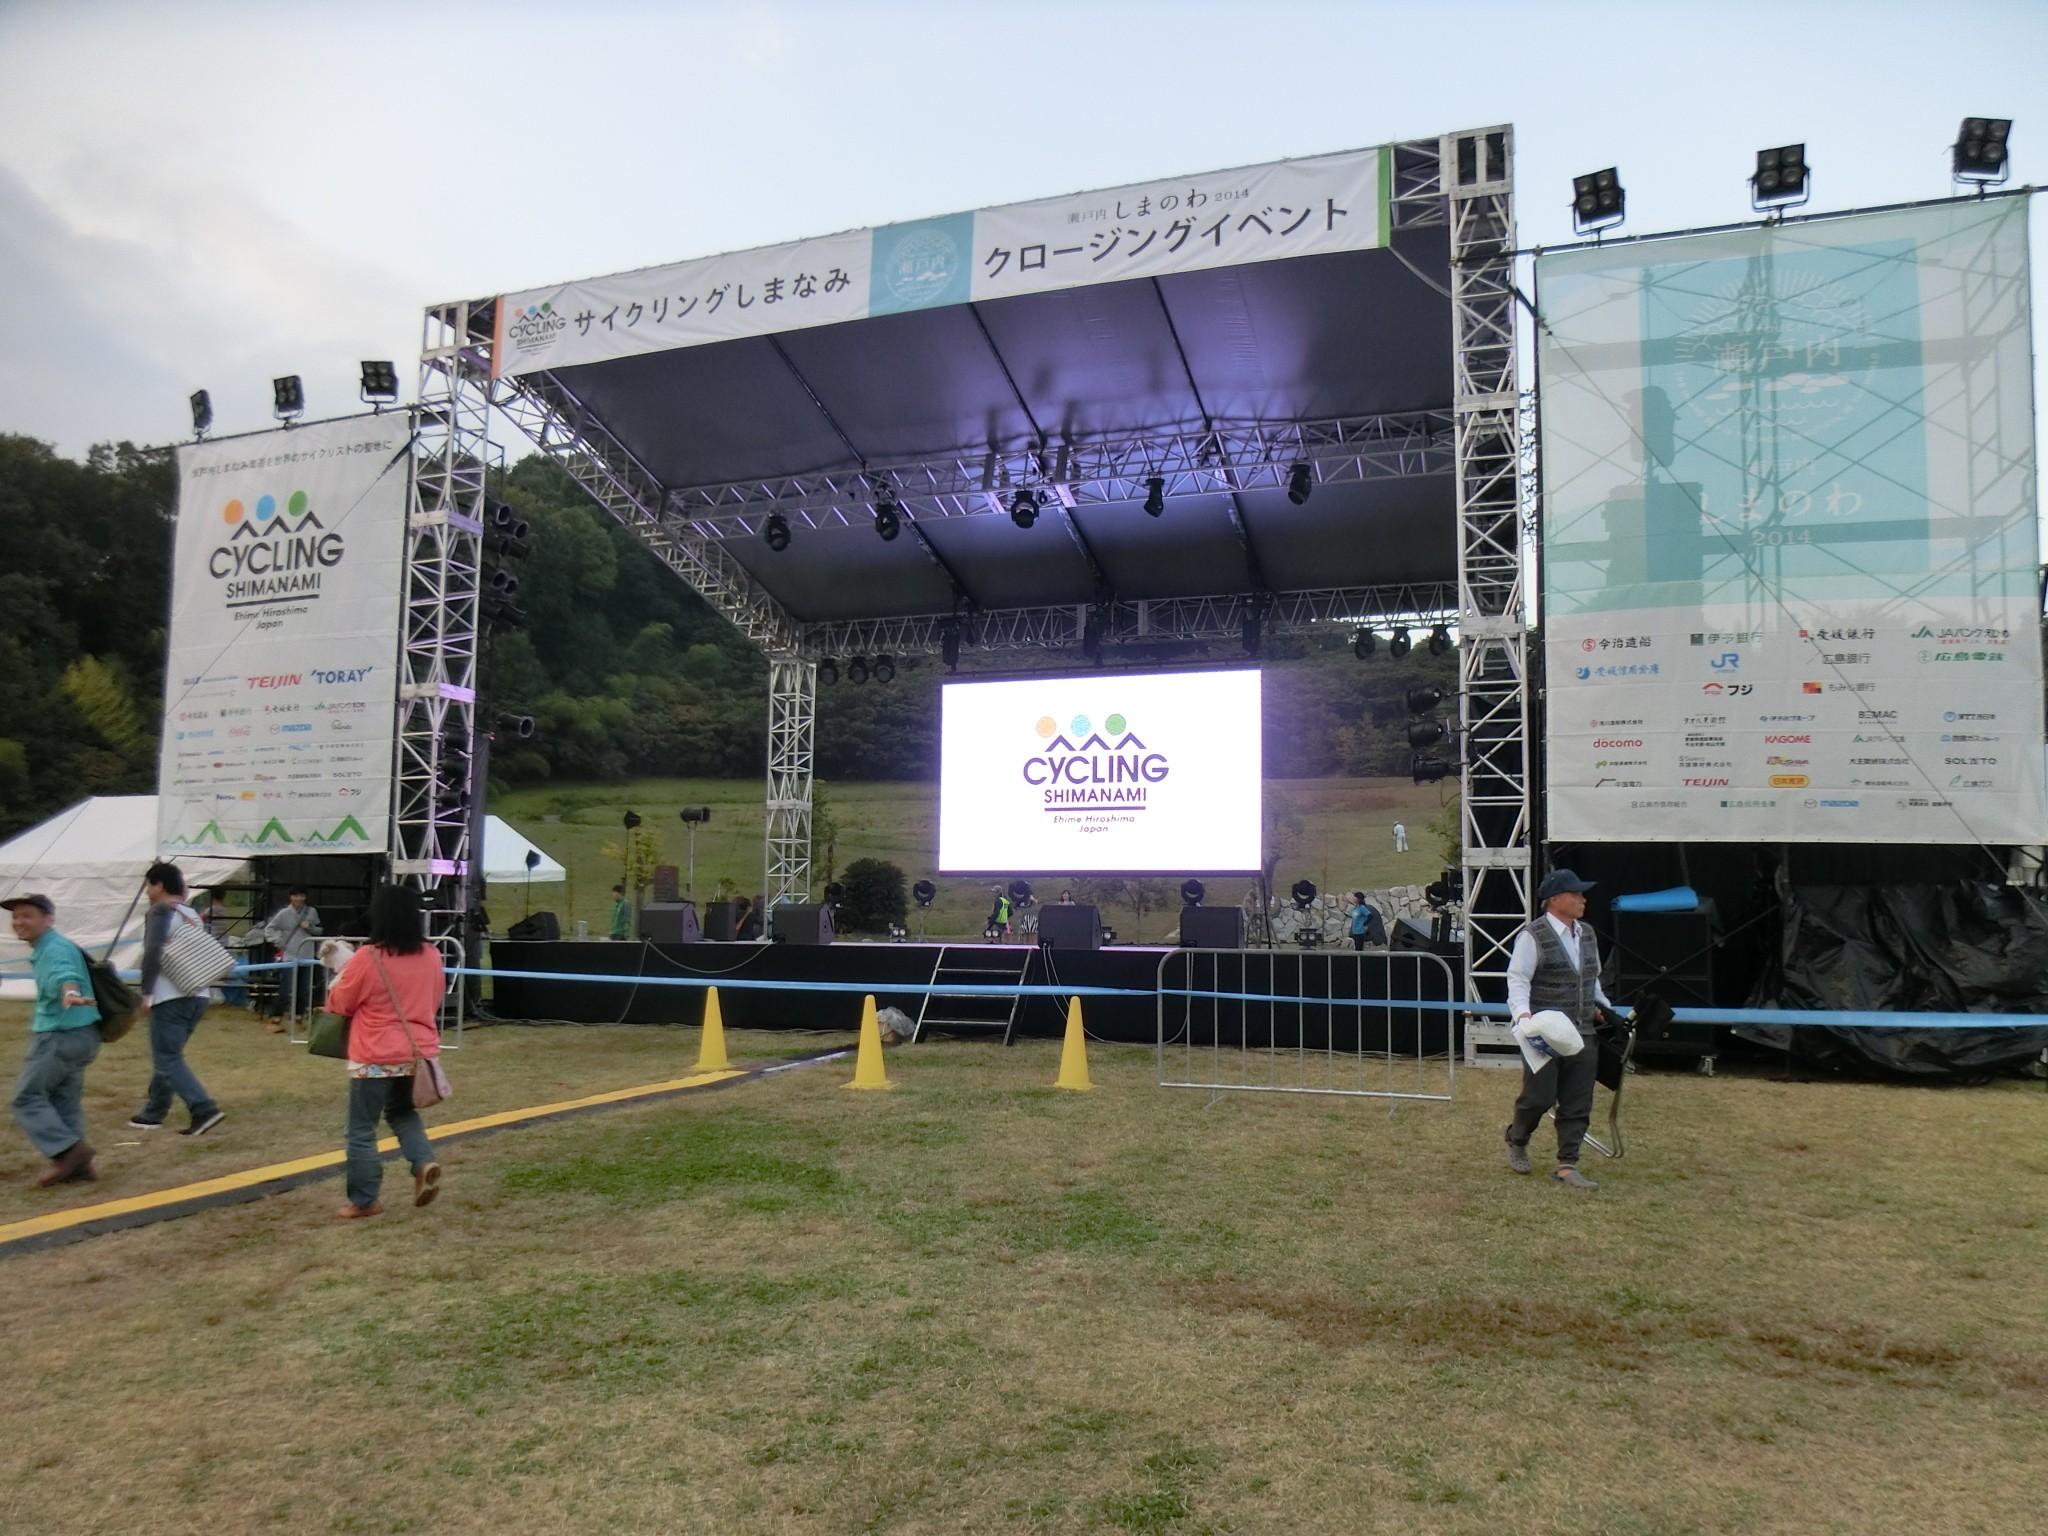 這是愛媛縣尾道市的報到會場,是不是很像演唱會現場呢?!